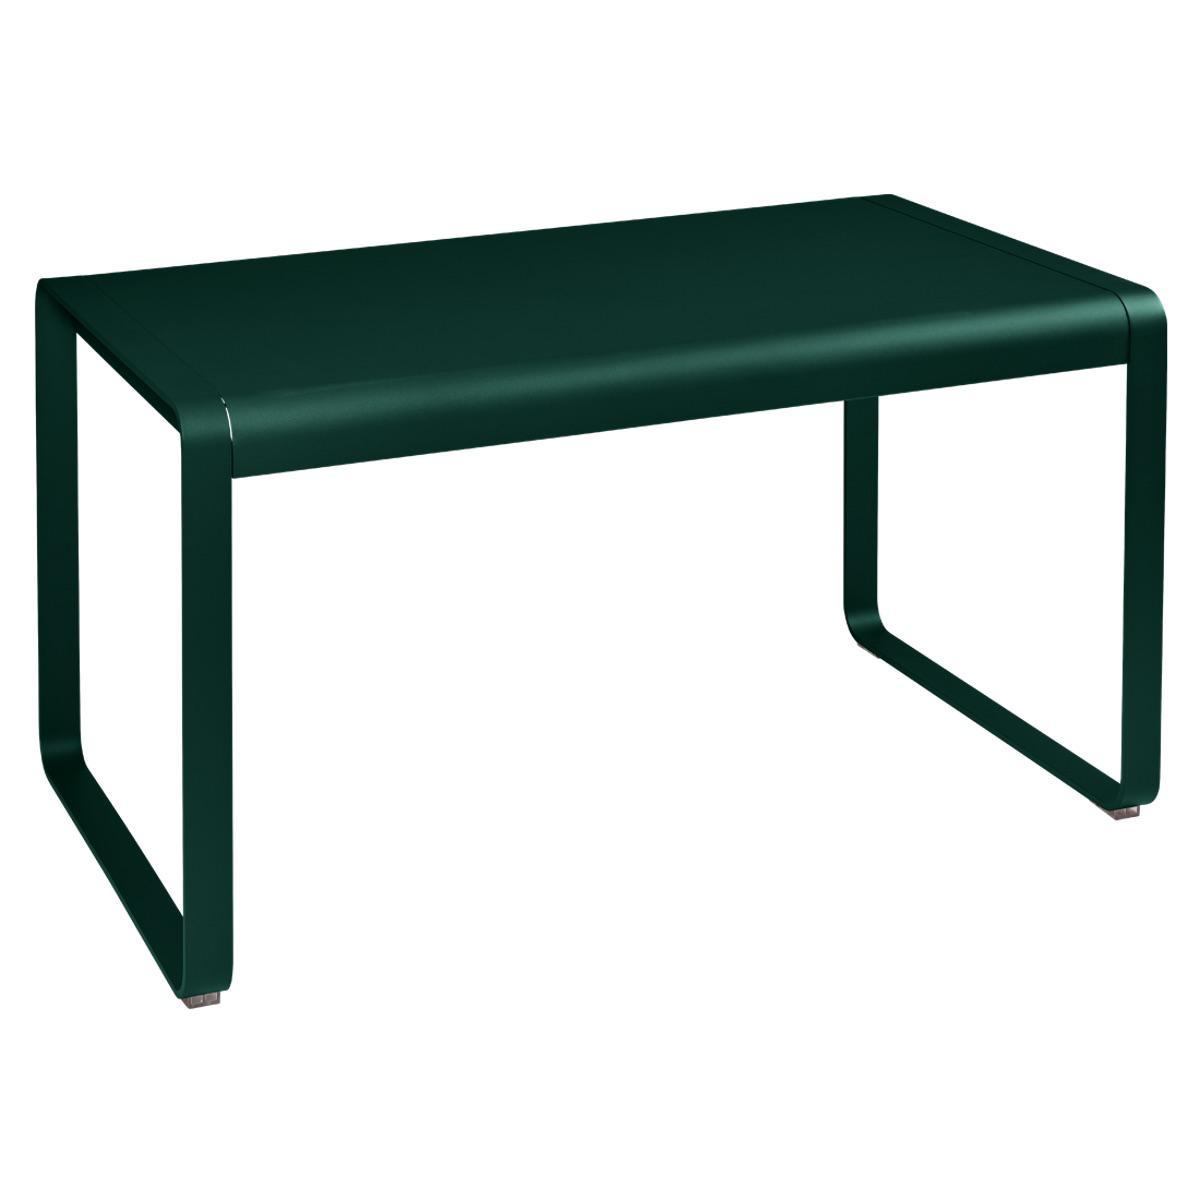 Table de jardin 80x140cm BELLEVIE Fermob cèdre